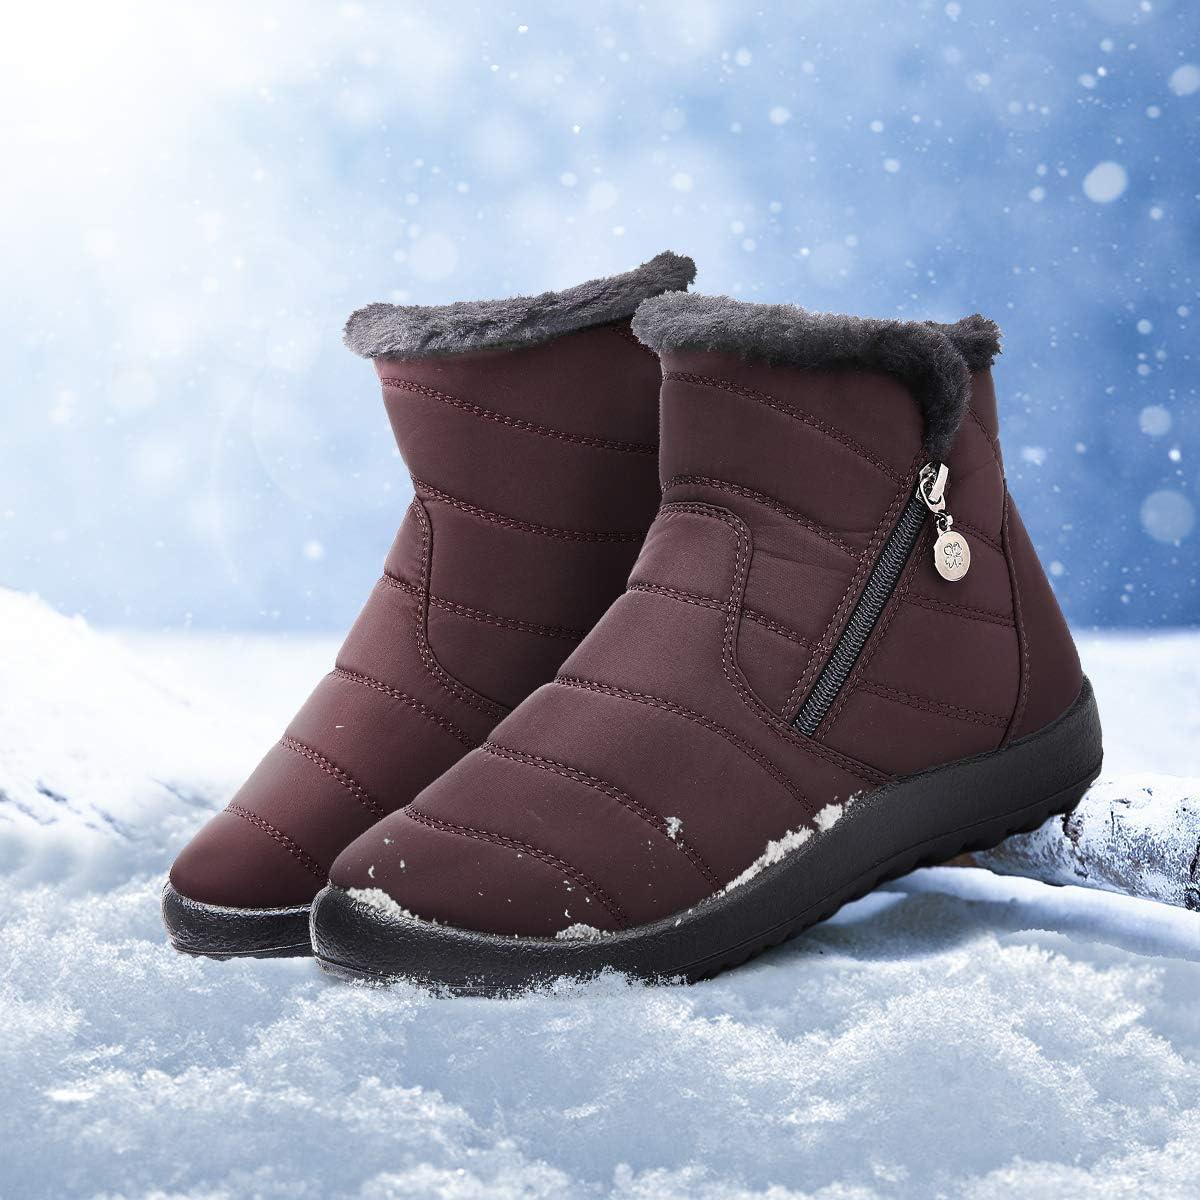 Bottines de Pluie Imperm/éable Fourrure Chaude Boots Hiver Fourr/ée /à Talons Plats Chaussures Ville Confortable Apr/ès Ski Gracosy Bottes de Neige Femme Fille